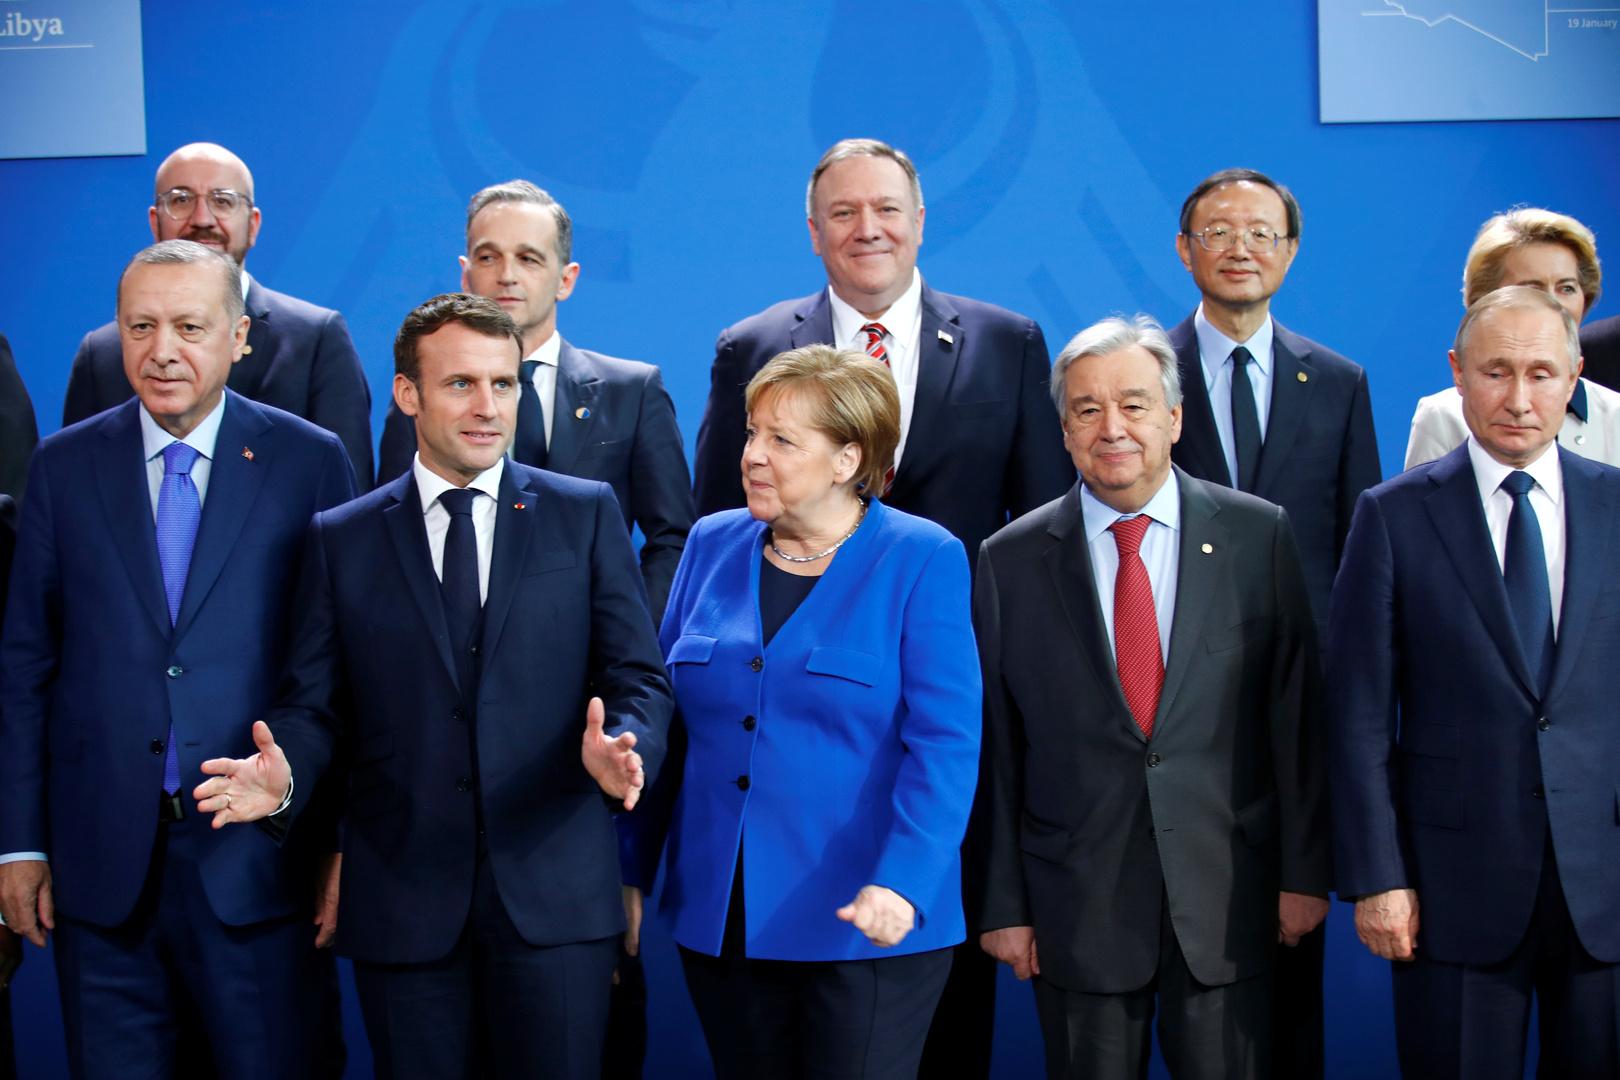 ألمانيا لم تدرج حفتر والسراج في قائمة حضور مؤتمر برلين حول ليبيا